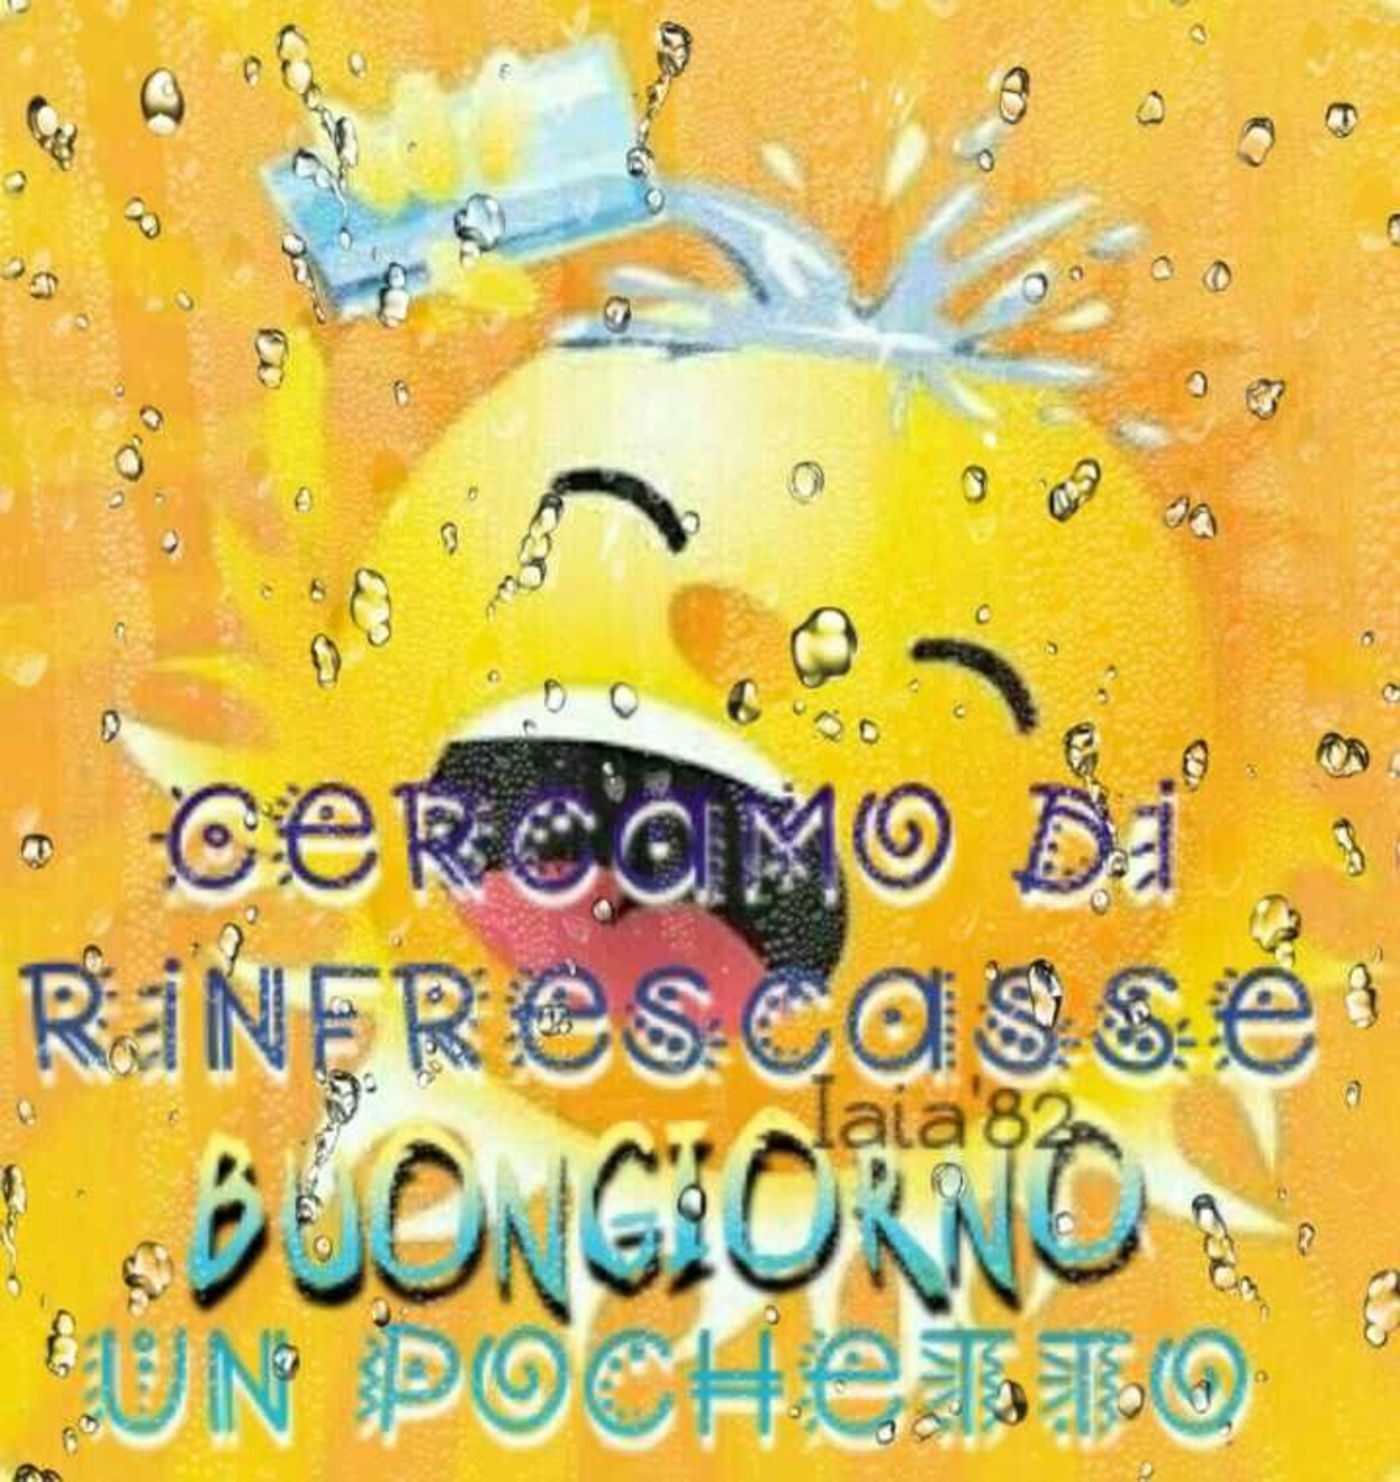 Buongiorno A Tutti I Miei Amici Archives Pagina 3 Di 4